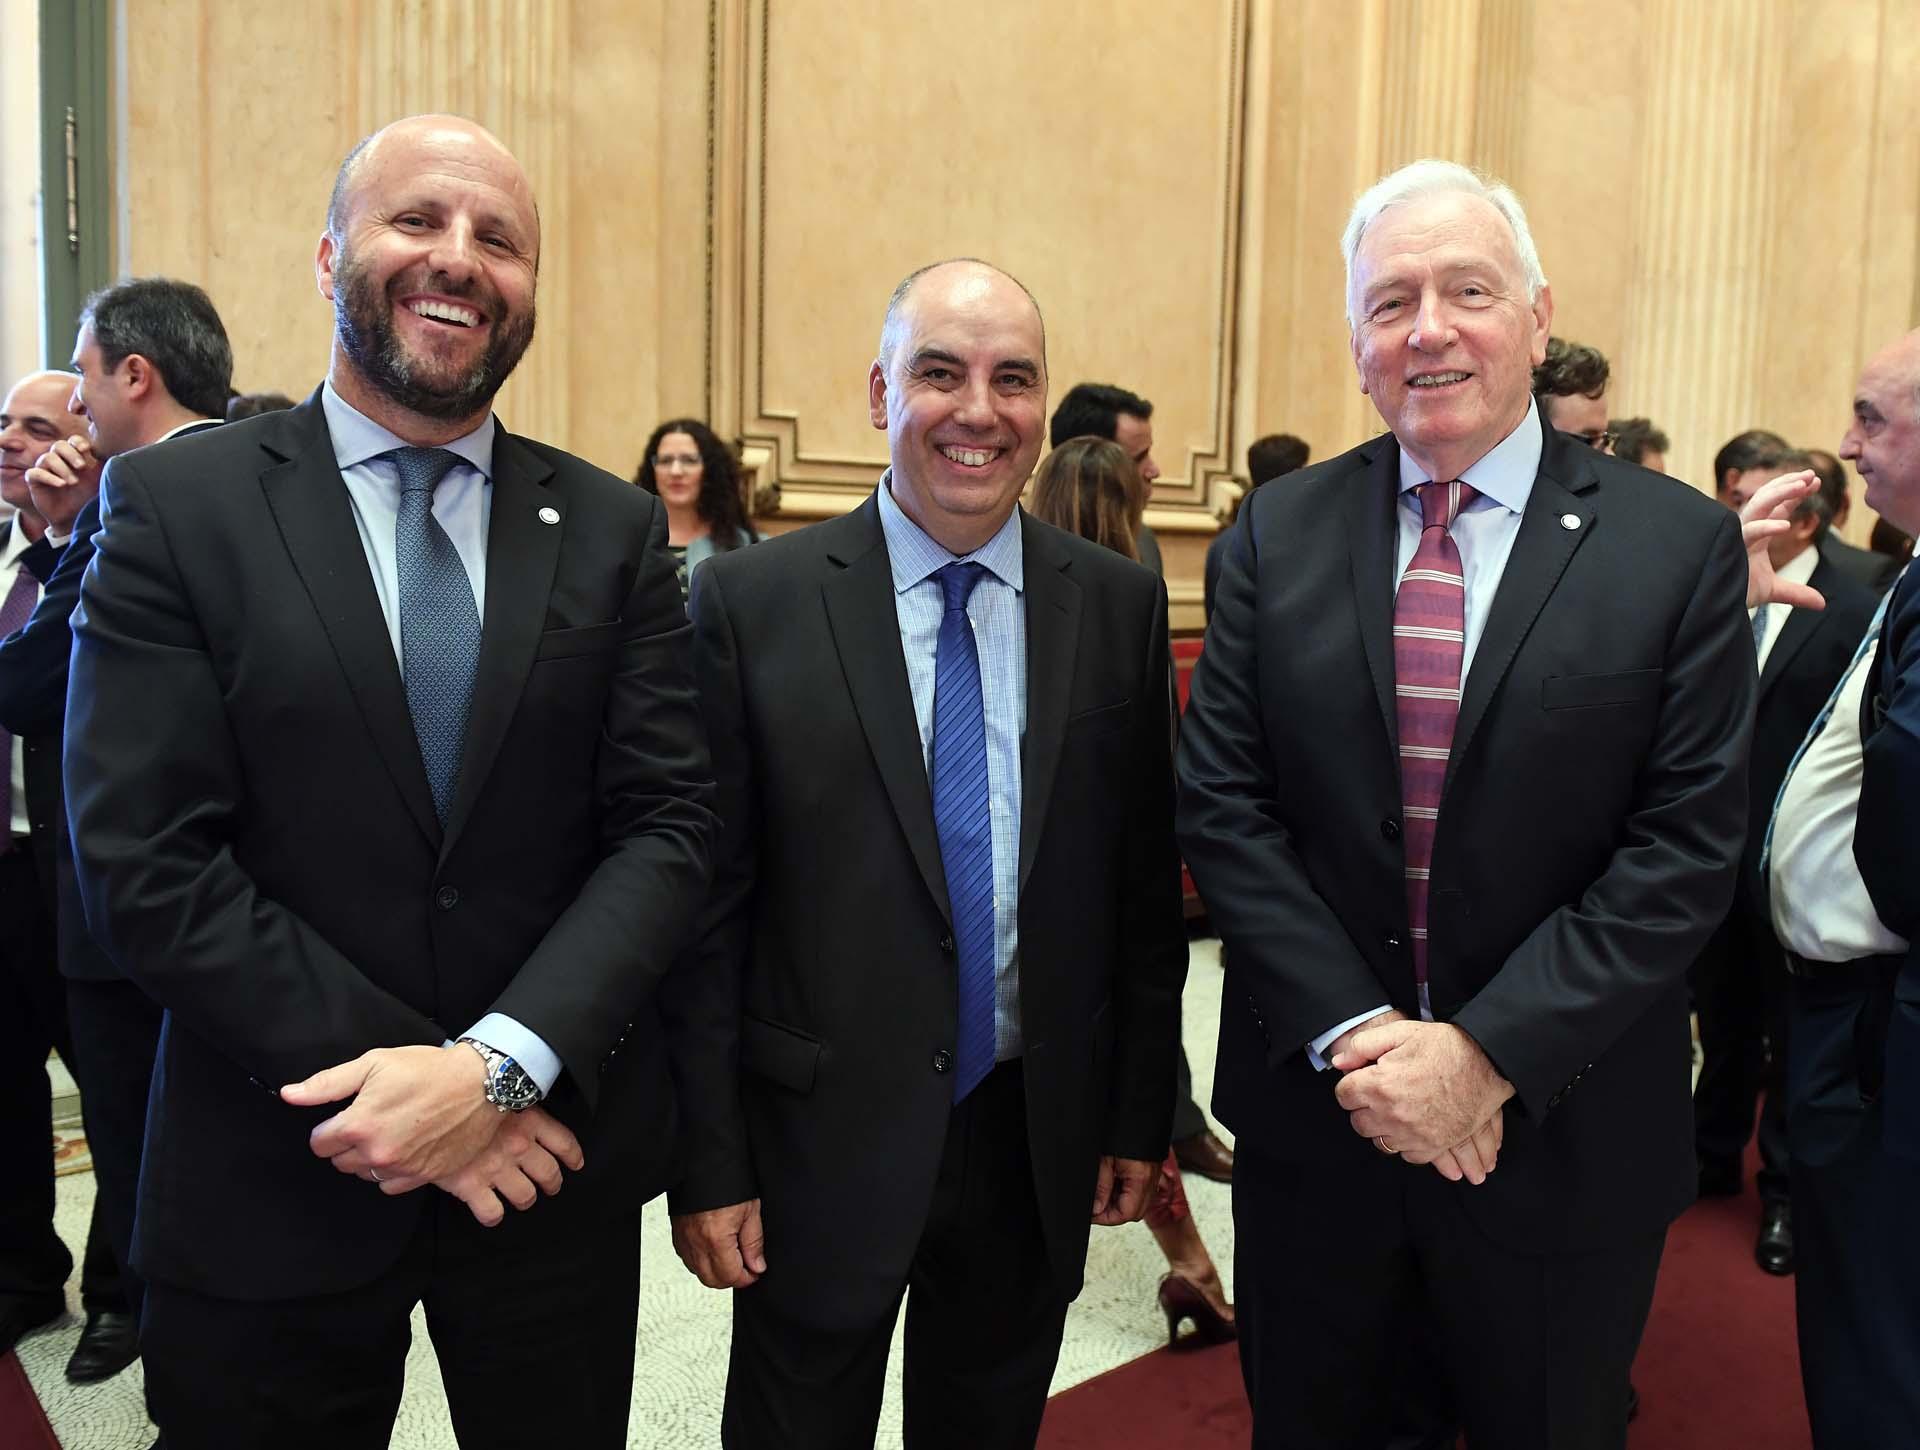 El camarista Mariano Borinsky, el juez federal Marcelo Martínez de Giorgi y el camarista Carlos Mahiques, padre de Juan Bautista, quien juró como Fiscal General de la Ciudad.